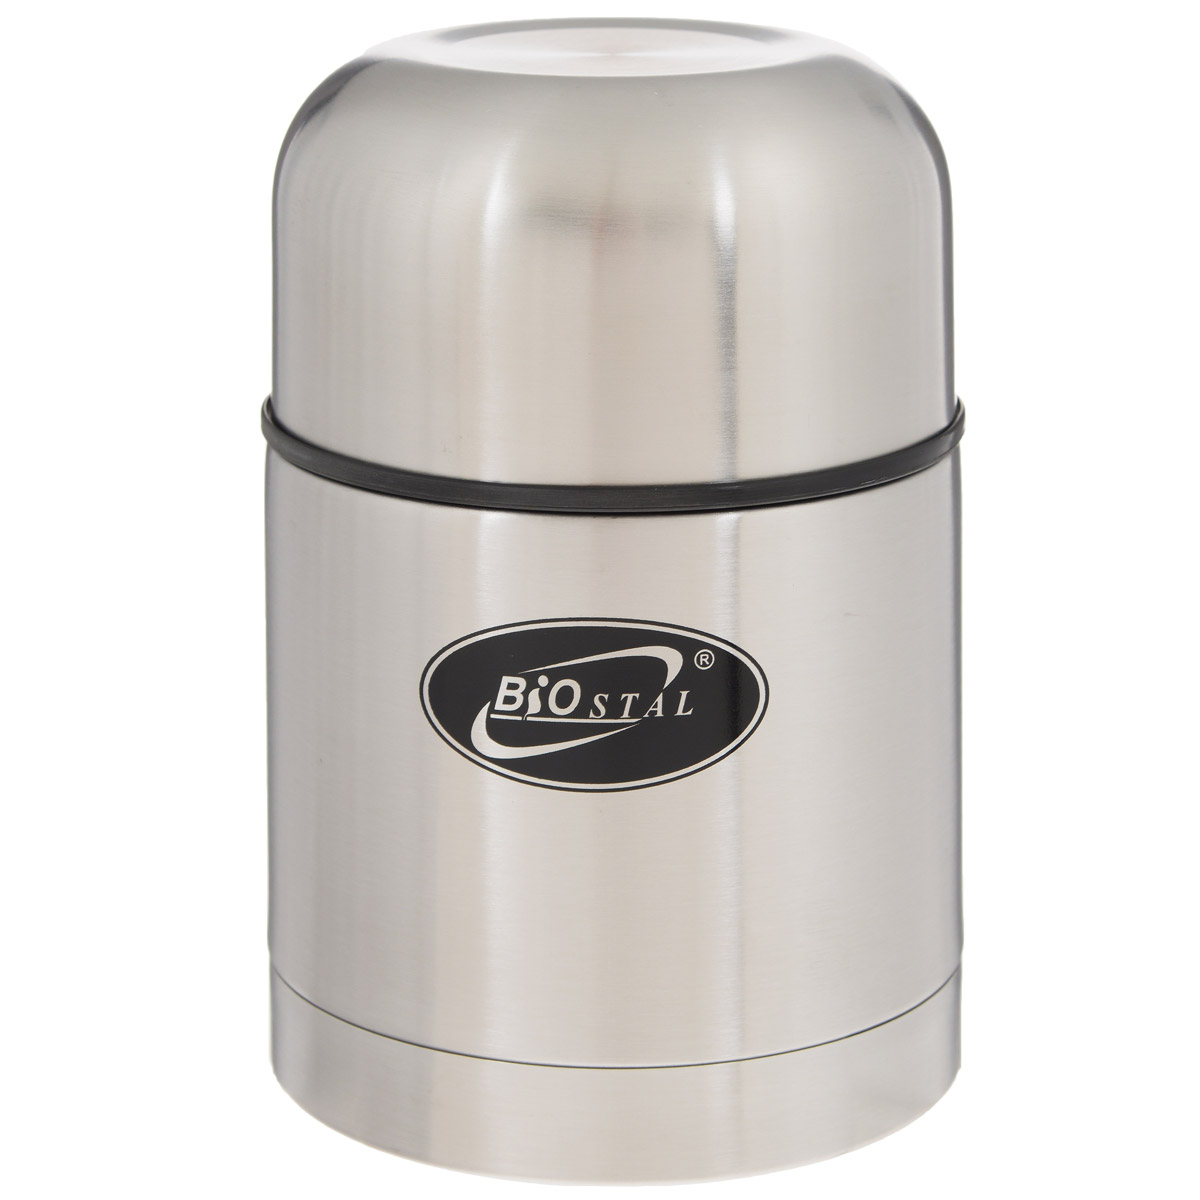 Термос BIOSTAL, в чехле, 500 мл. NT-500NT-500Пищевой термос с широким горлом BIOSTAL, изготовленный из высококачественной нержавеющей стали, относится к классической серии. Термосы этой серии, являющейся лидером продаж, просты в использовании, экономичны и многофункциональны. Термос с широким горлом предназначен для хранения горячей и холодной пищи, замороженных продуктов, мороженного, фруктов и льда и укомплектован пробкой с клапаном. Такая пробка обладает дополнительной теплоизоляцией и позволяет термосу дольше хранить тепло, а клапан облегчает его открытие.Изделие также оснащено крышкой-чашкой и текстильным чехлом для хранения и переноски термоса. Легкий и прочный термос BIOSTAL сохранит ваши напитки горячими или холодными надолго.